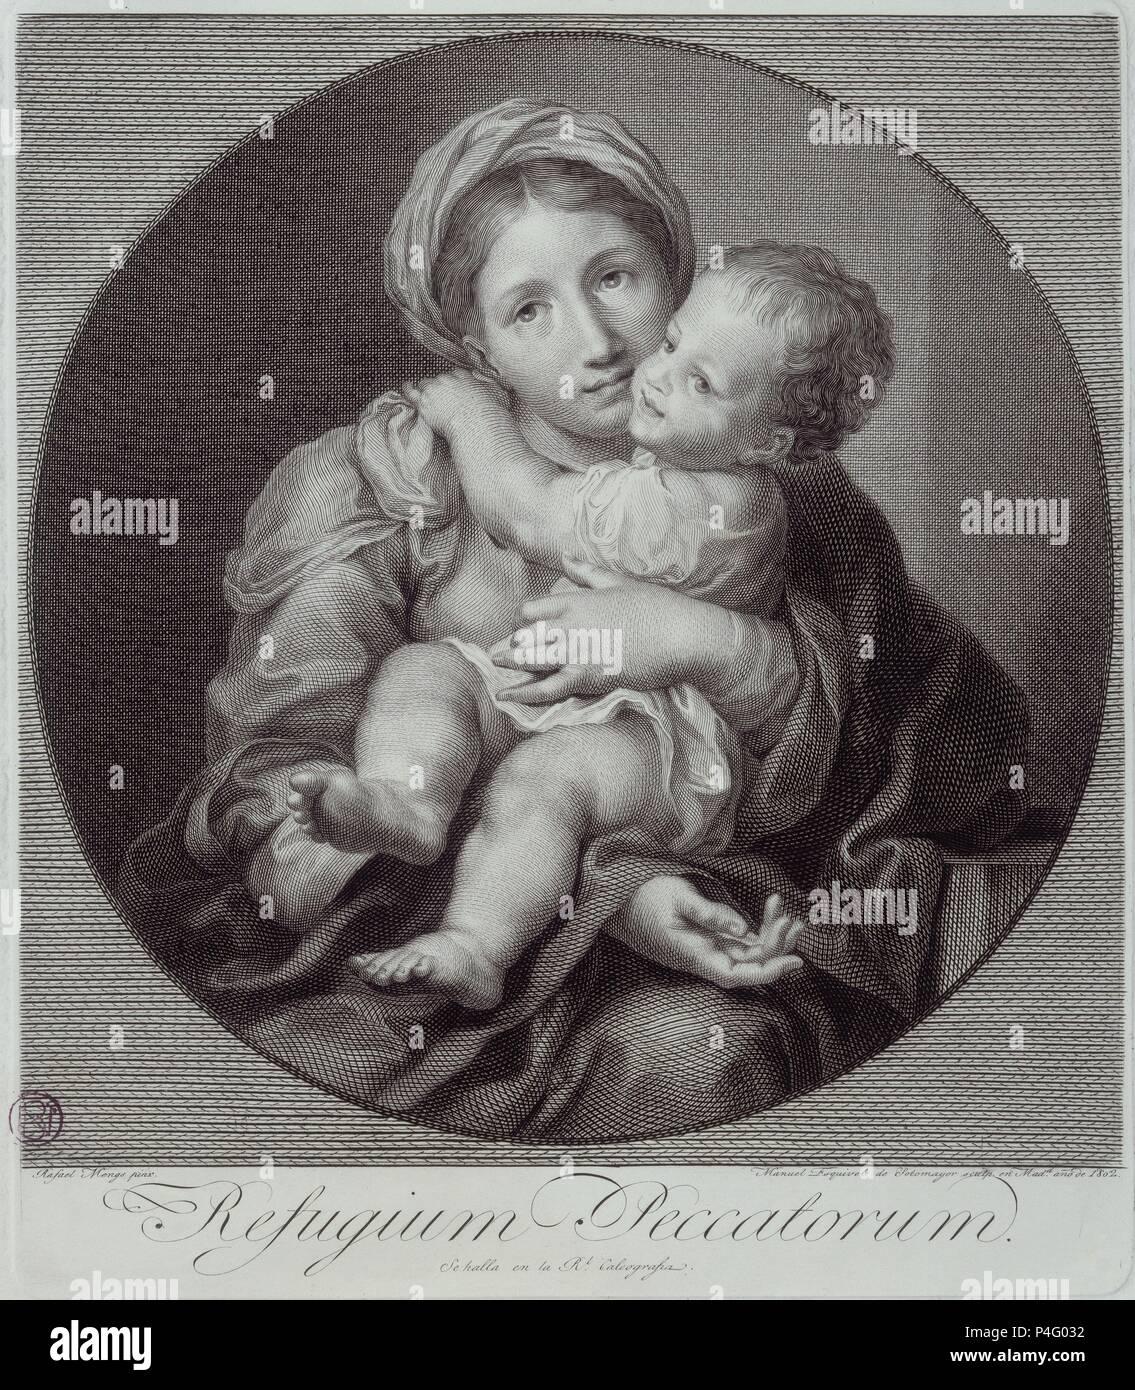 REFUGIUM PECCATORUM - GRAVURE POR MANUEL ESQUIVEL DE SOTOMAYOR EN 1802. Auteur: Anton Raphael Mengs (1728-1779). Emplacement: BIBLIOTECA NACIONAL-COLECCION, MADRID, ESPAGNE. Banque D'Images